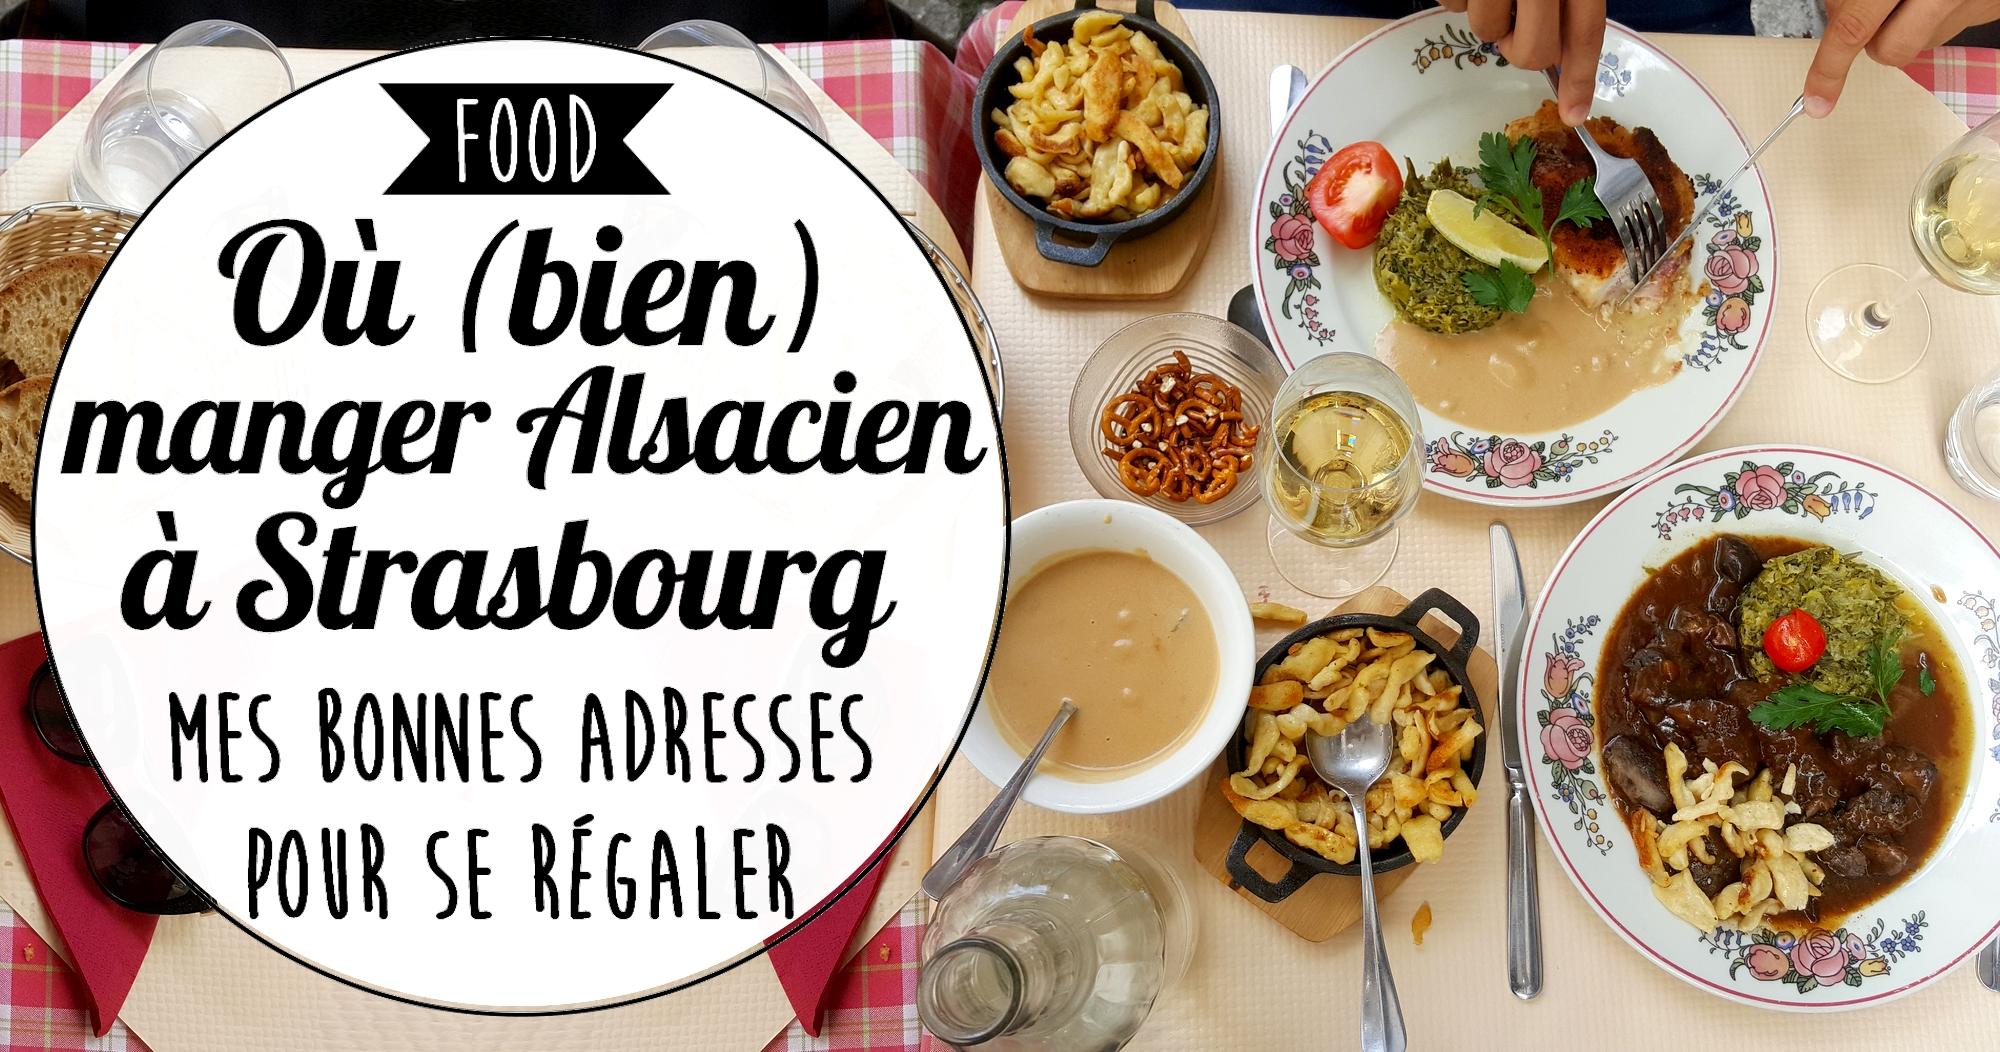 Restaurants : où bien manger Alsacien à Strasbourg ?